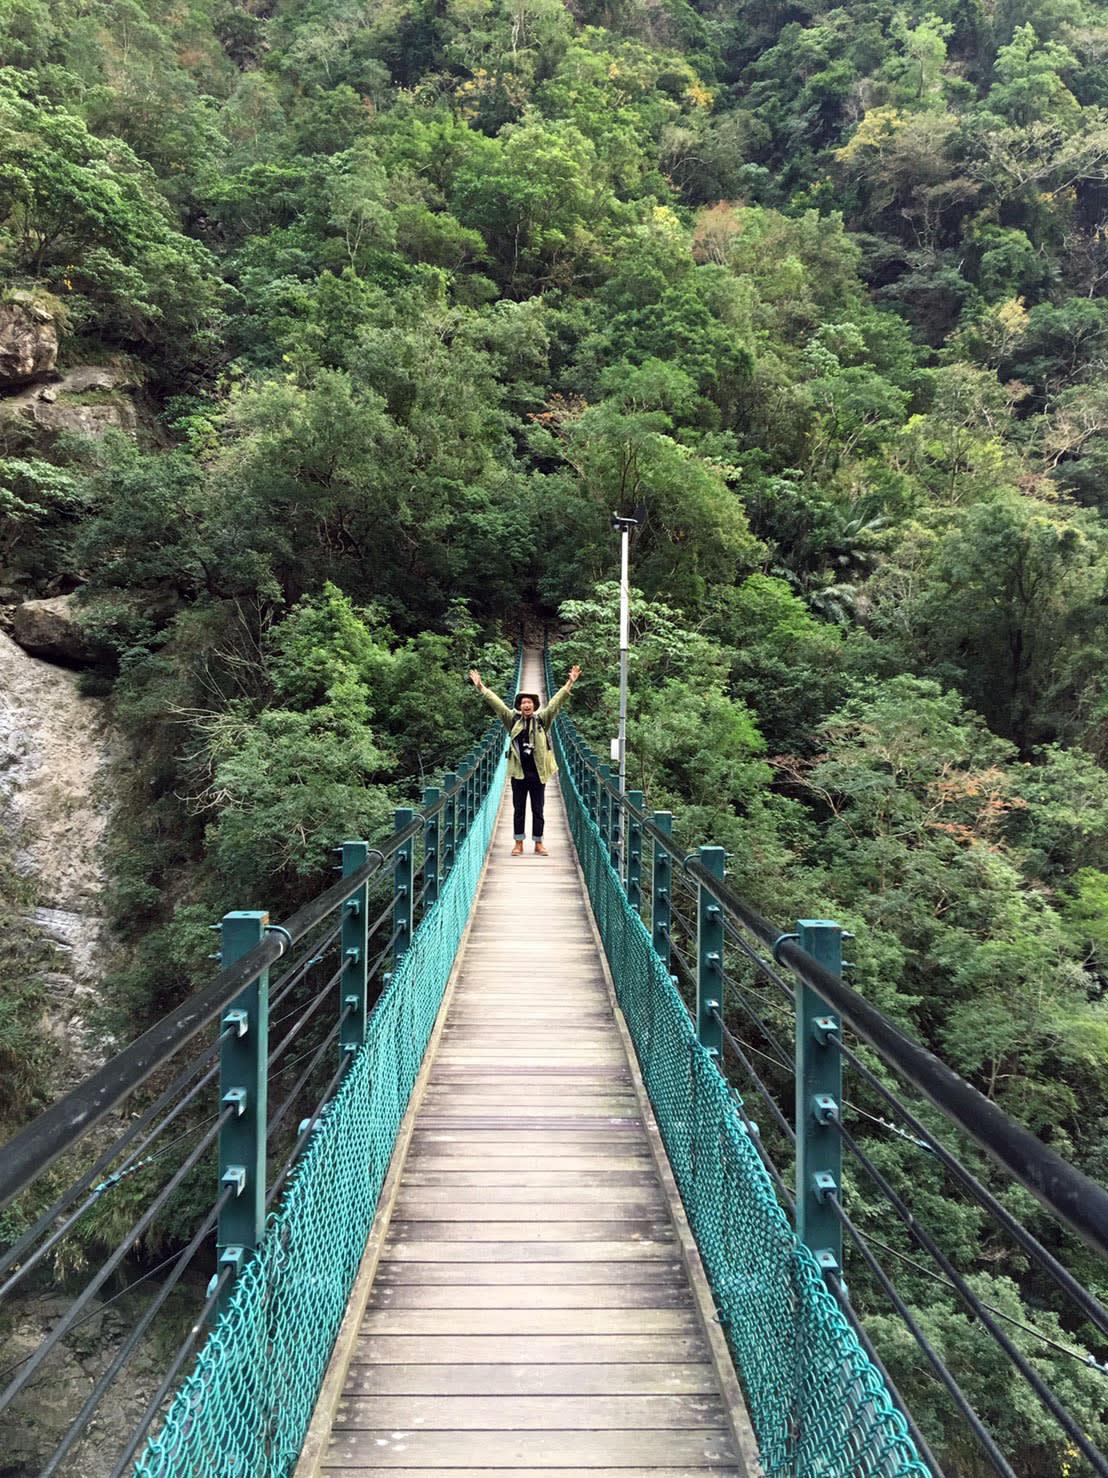 從燕子口的錐麓吊橋進入 (Photo / Ran)